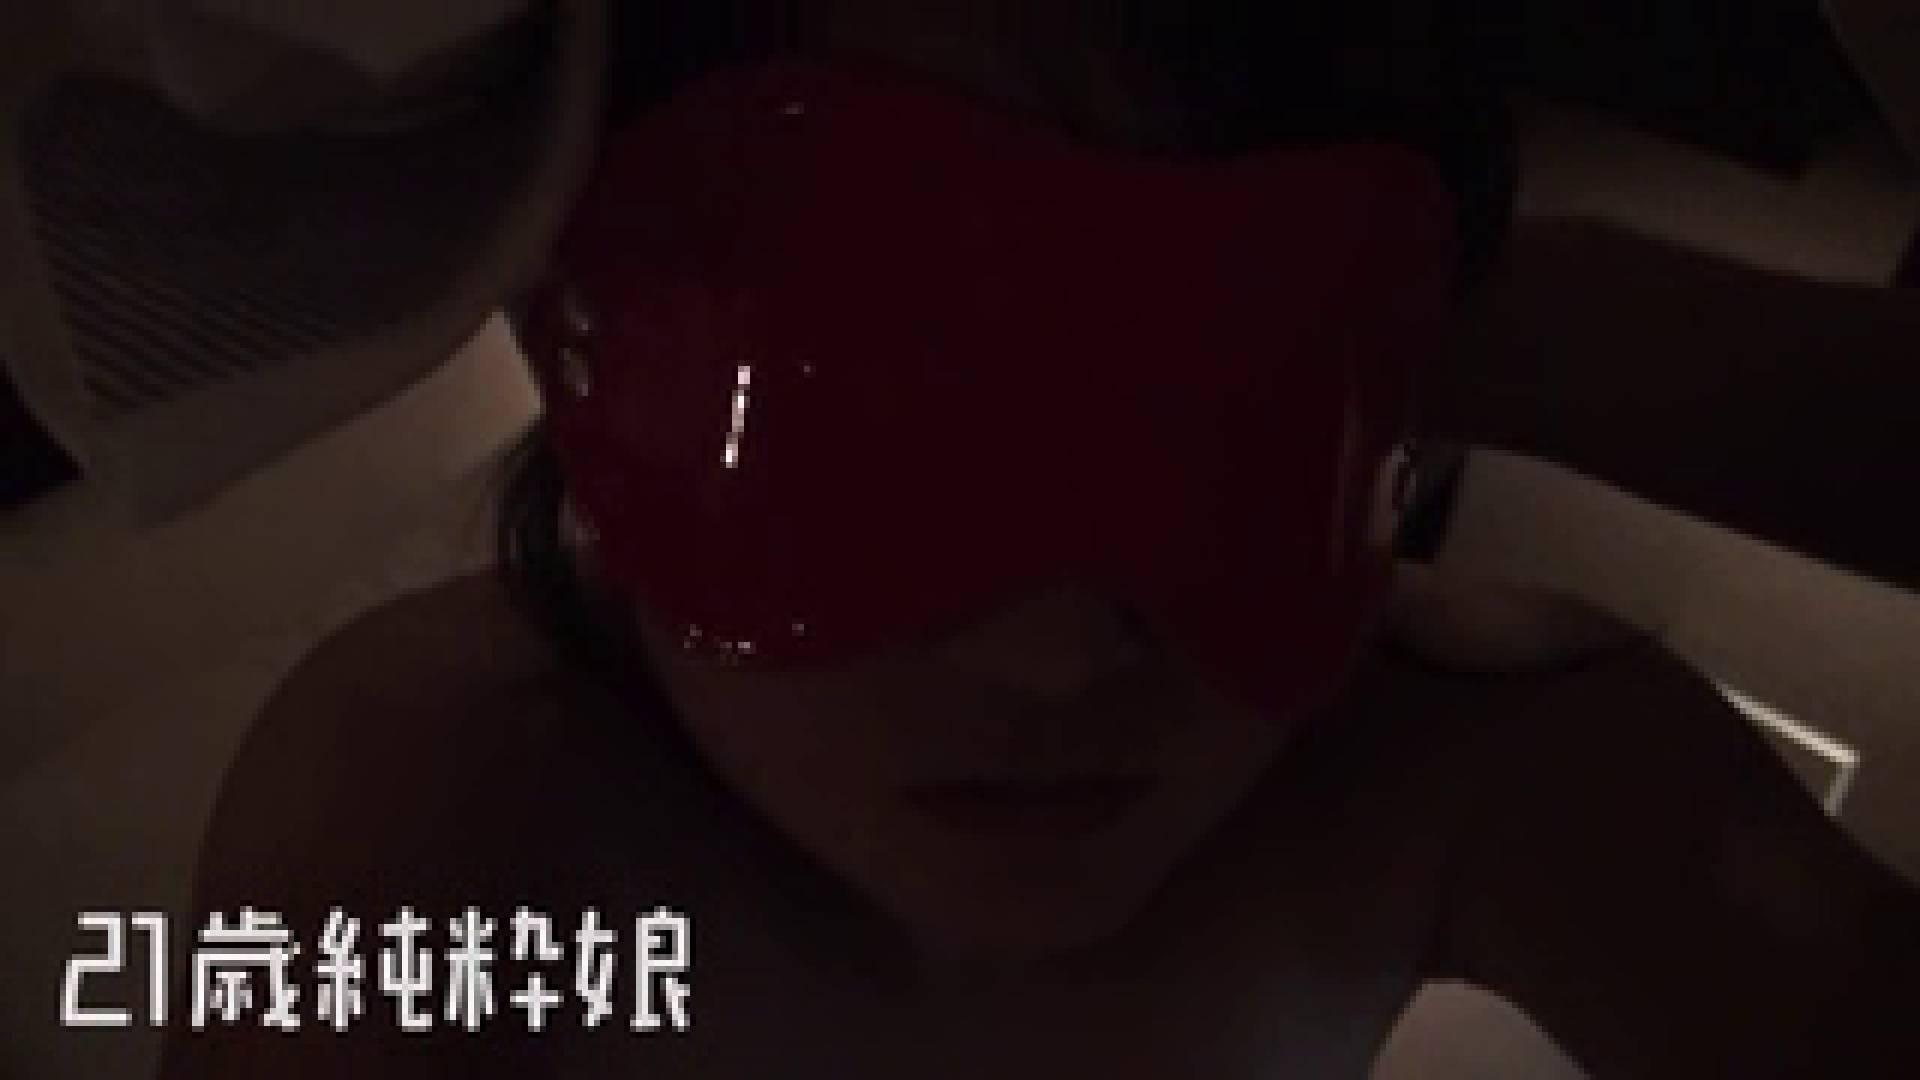 上京したばかりのGカップ21歳純粋嬢を都合の良い女にしてみた4 ホテル | ギャル達のおっぱい  96画像 33